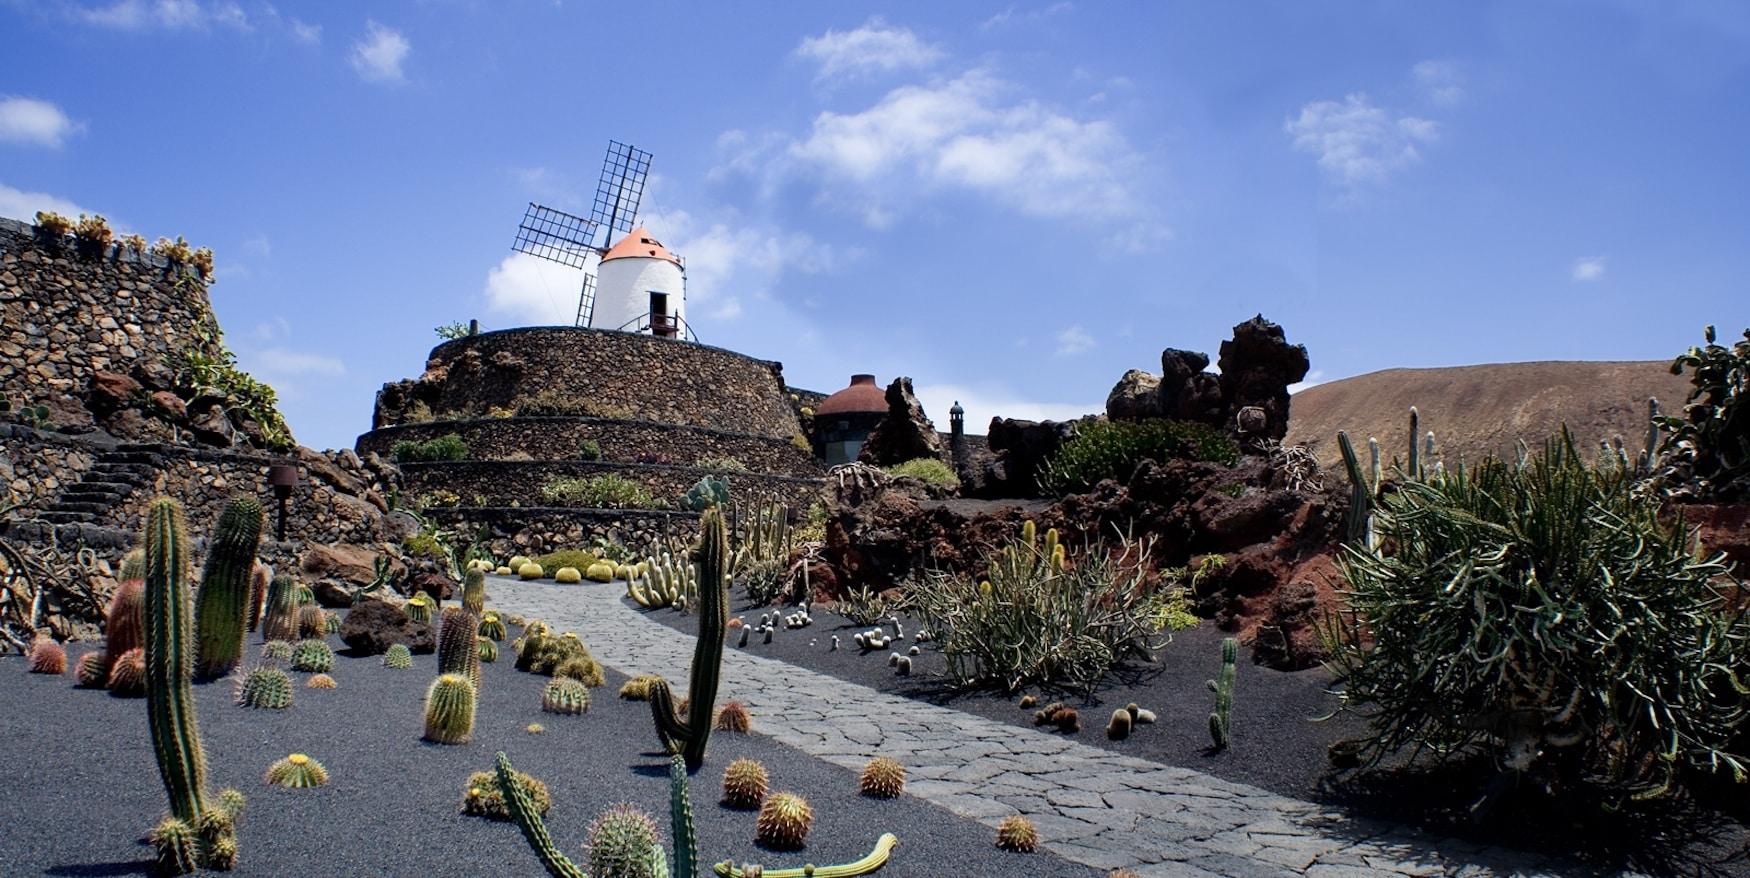 Kakteen so weit das Auge reicht im Jardín de Cactus auf Lanzarote